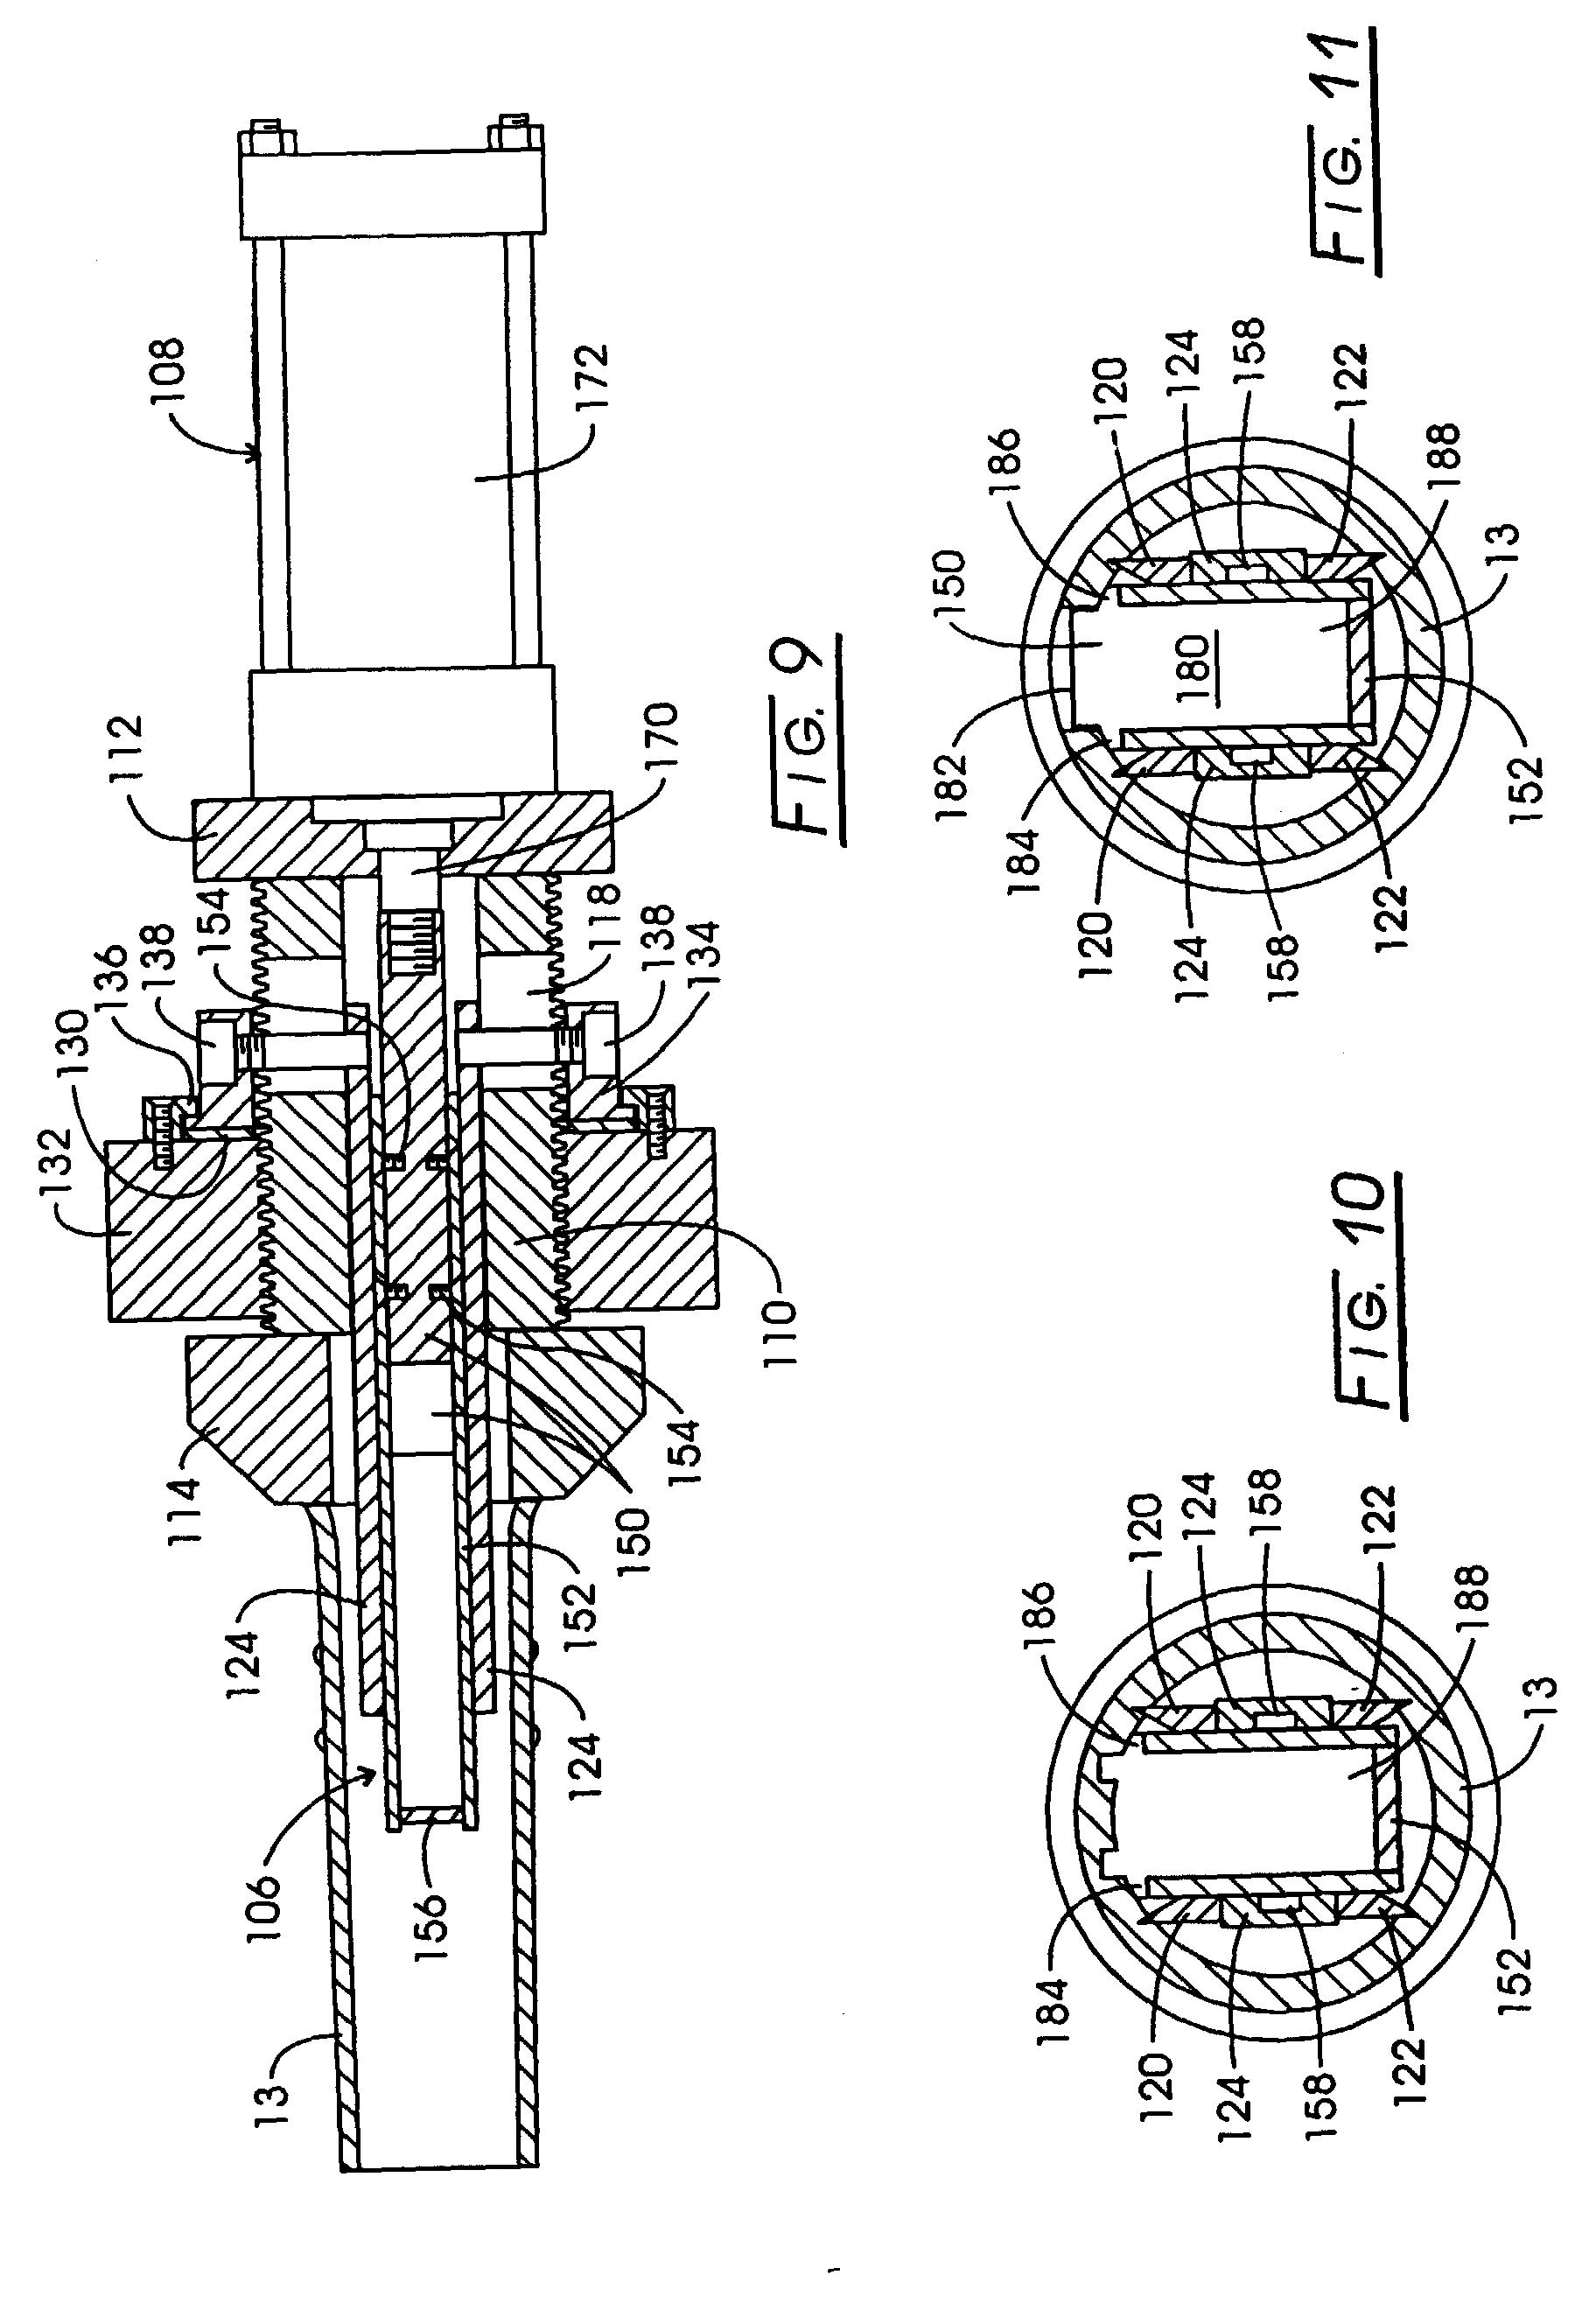 Navien Piping Diagrams